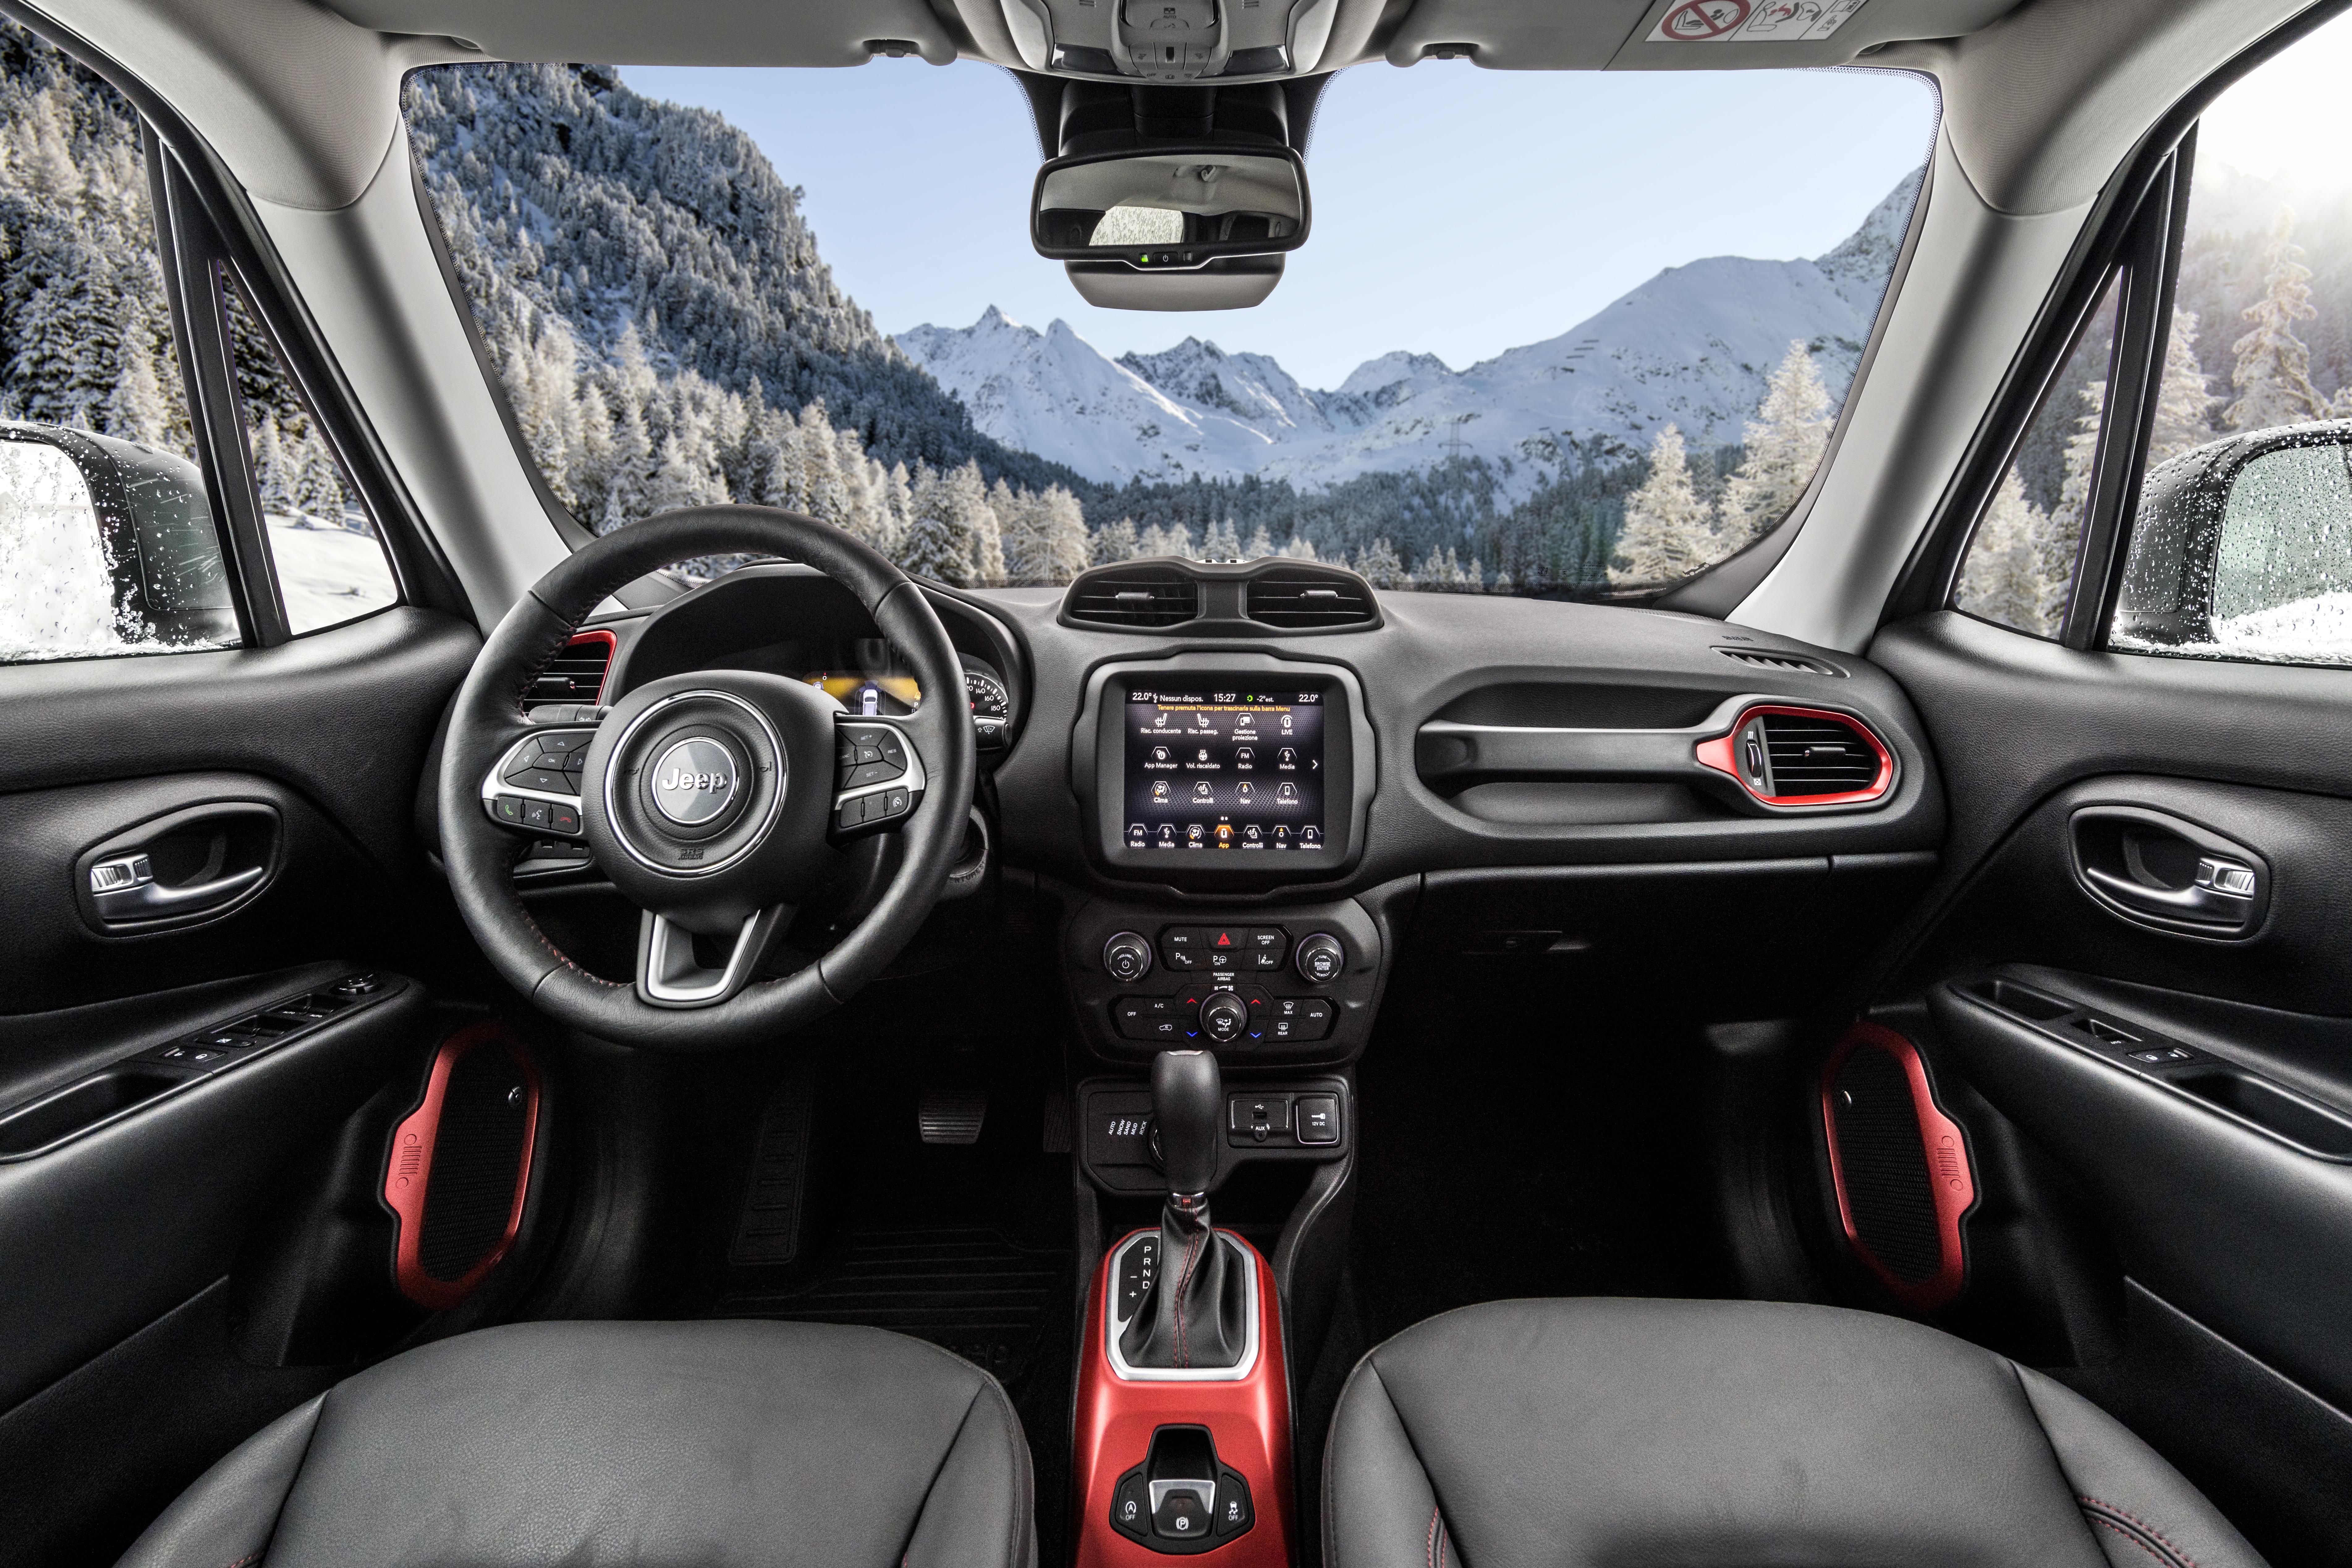 180129_Jeep_HP Noul Jeep Renegade 2019 a fost dezvaluit la Salonul Auto de la Torino